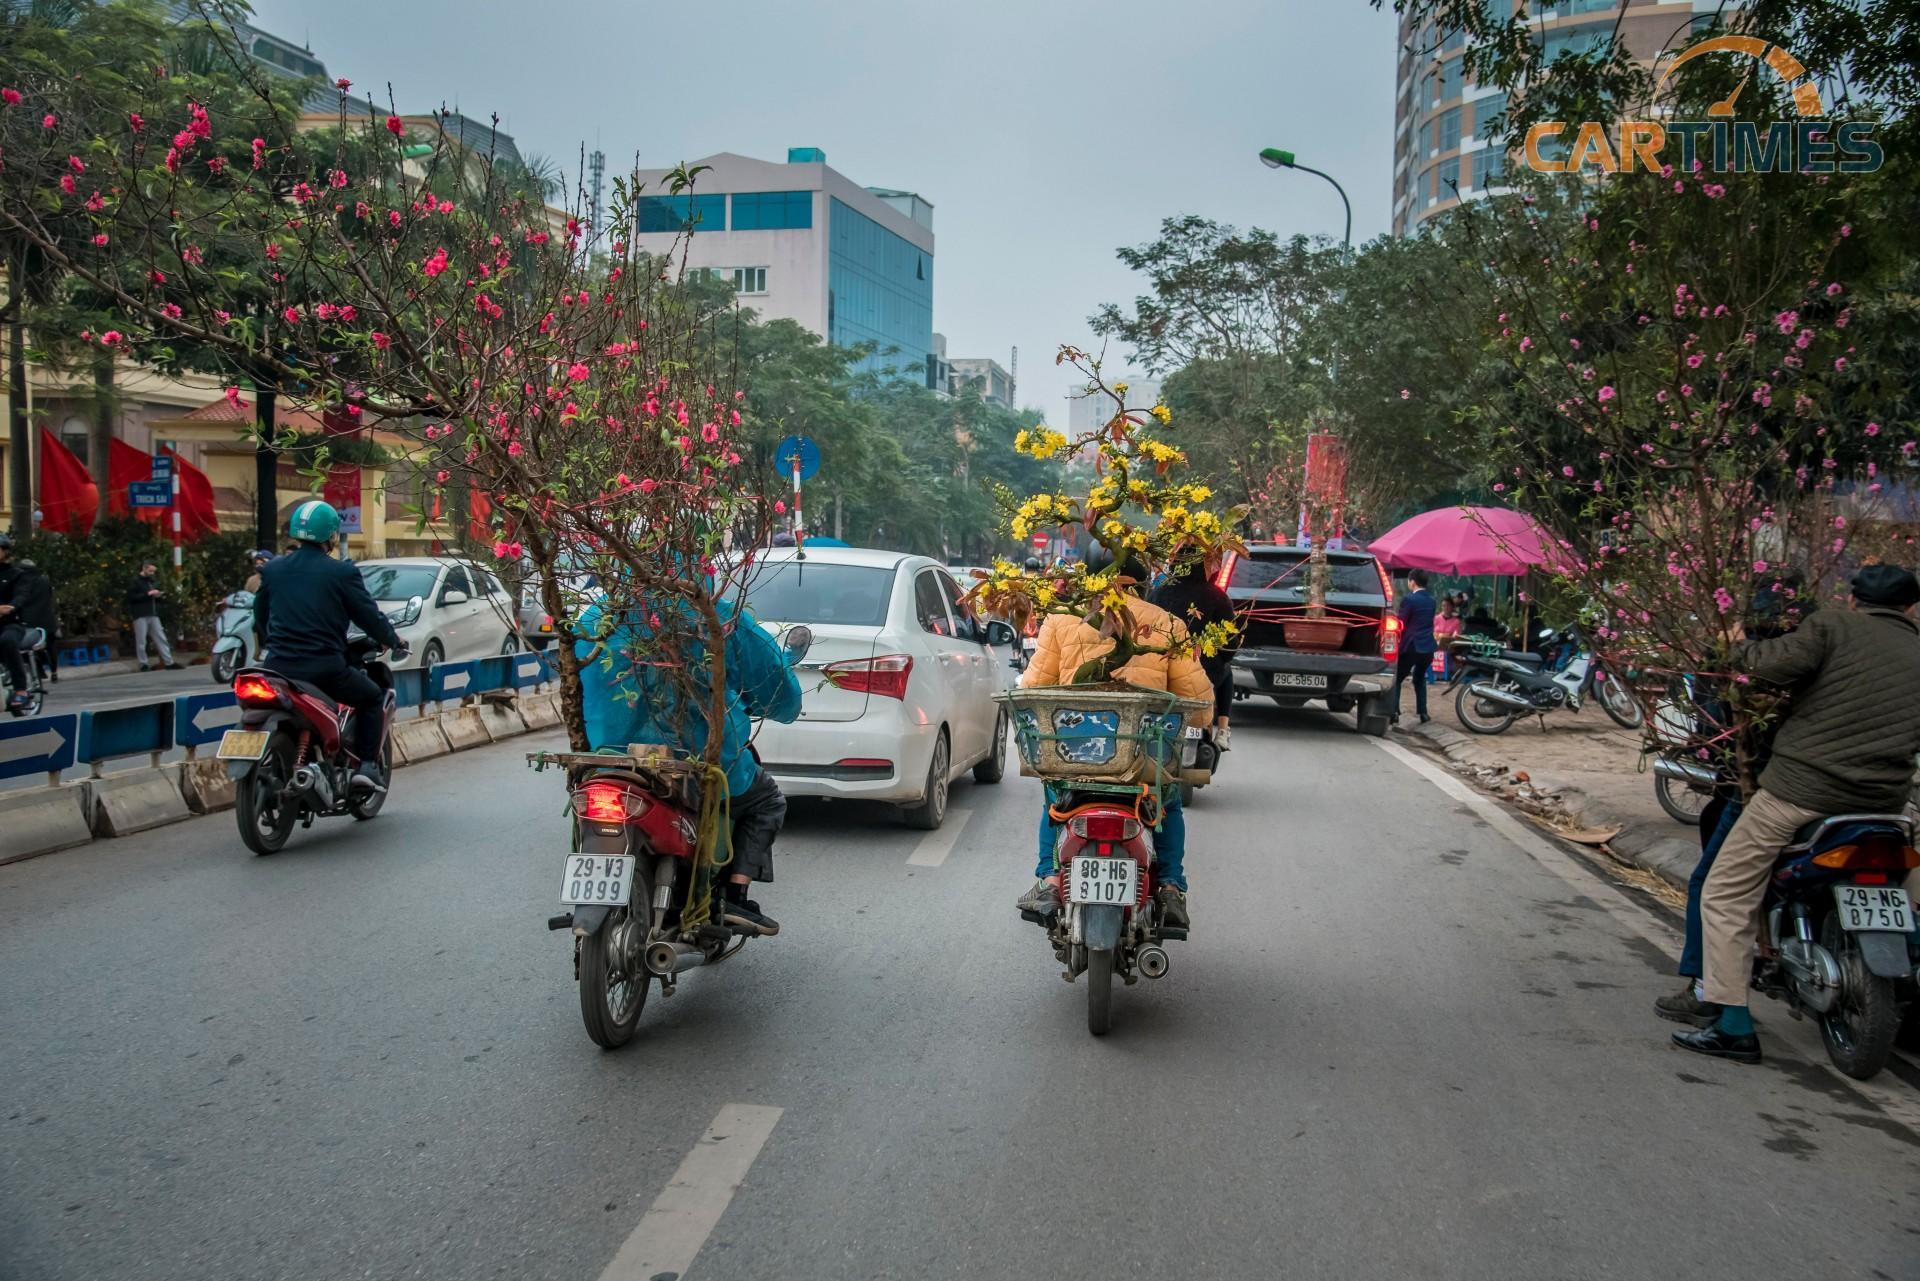 Chùm ảnh: Xuân về len lỏi trên những chiếc xe nhiều sắc màu Ảnh 21